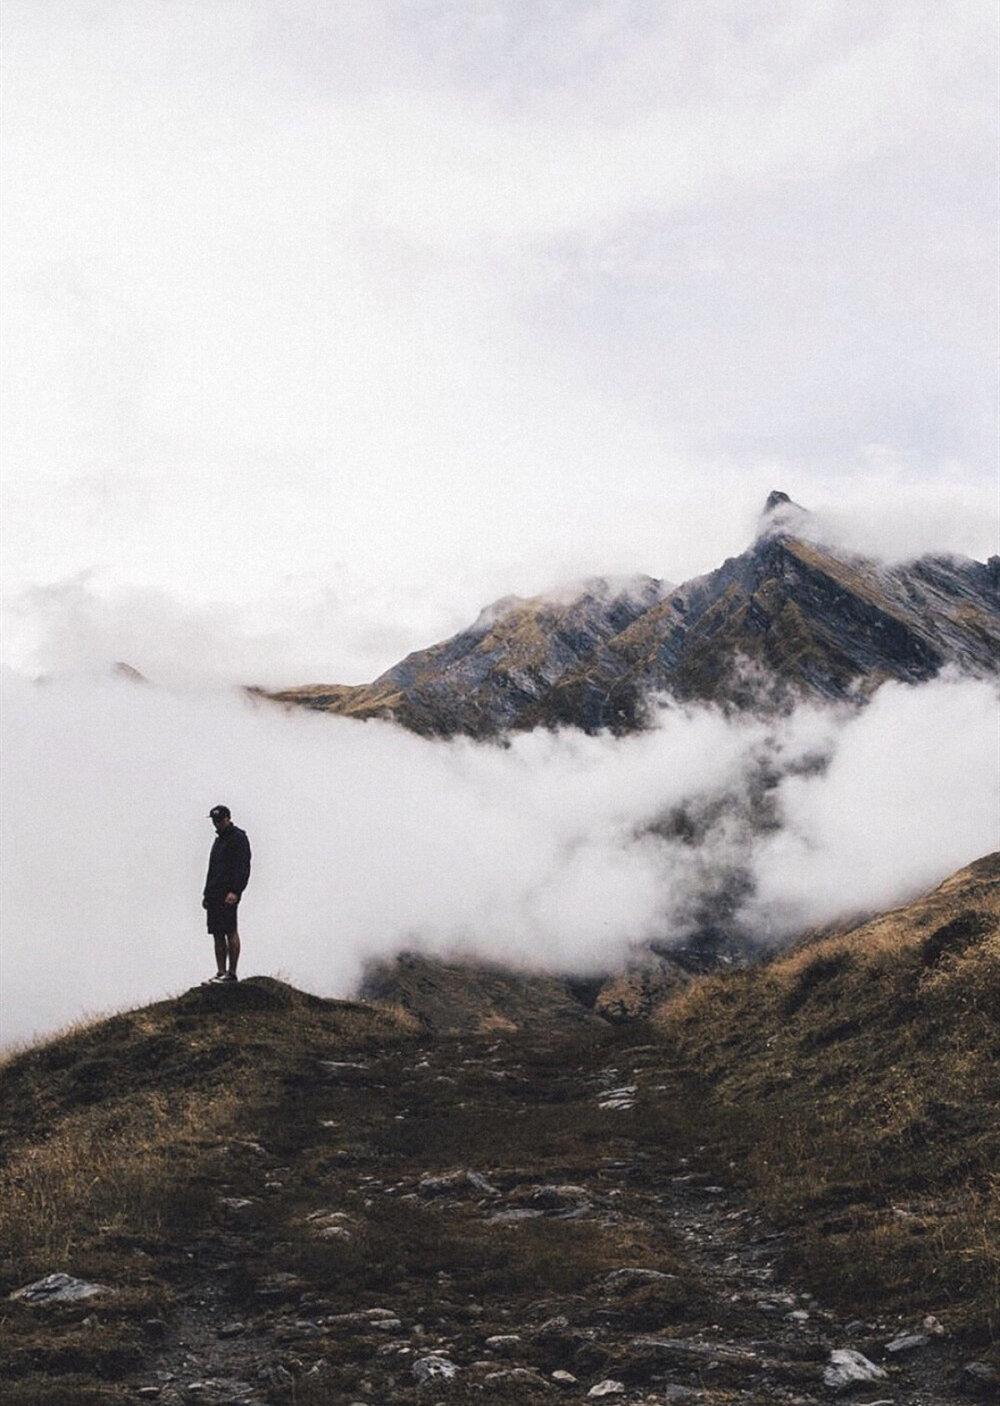 情感语录-情感语录你爬的高,站的远...